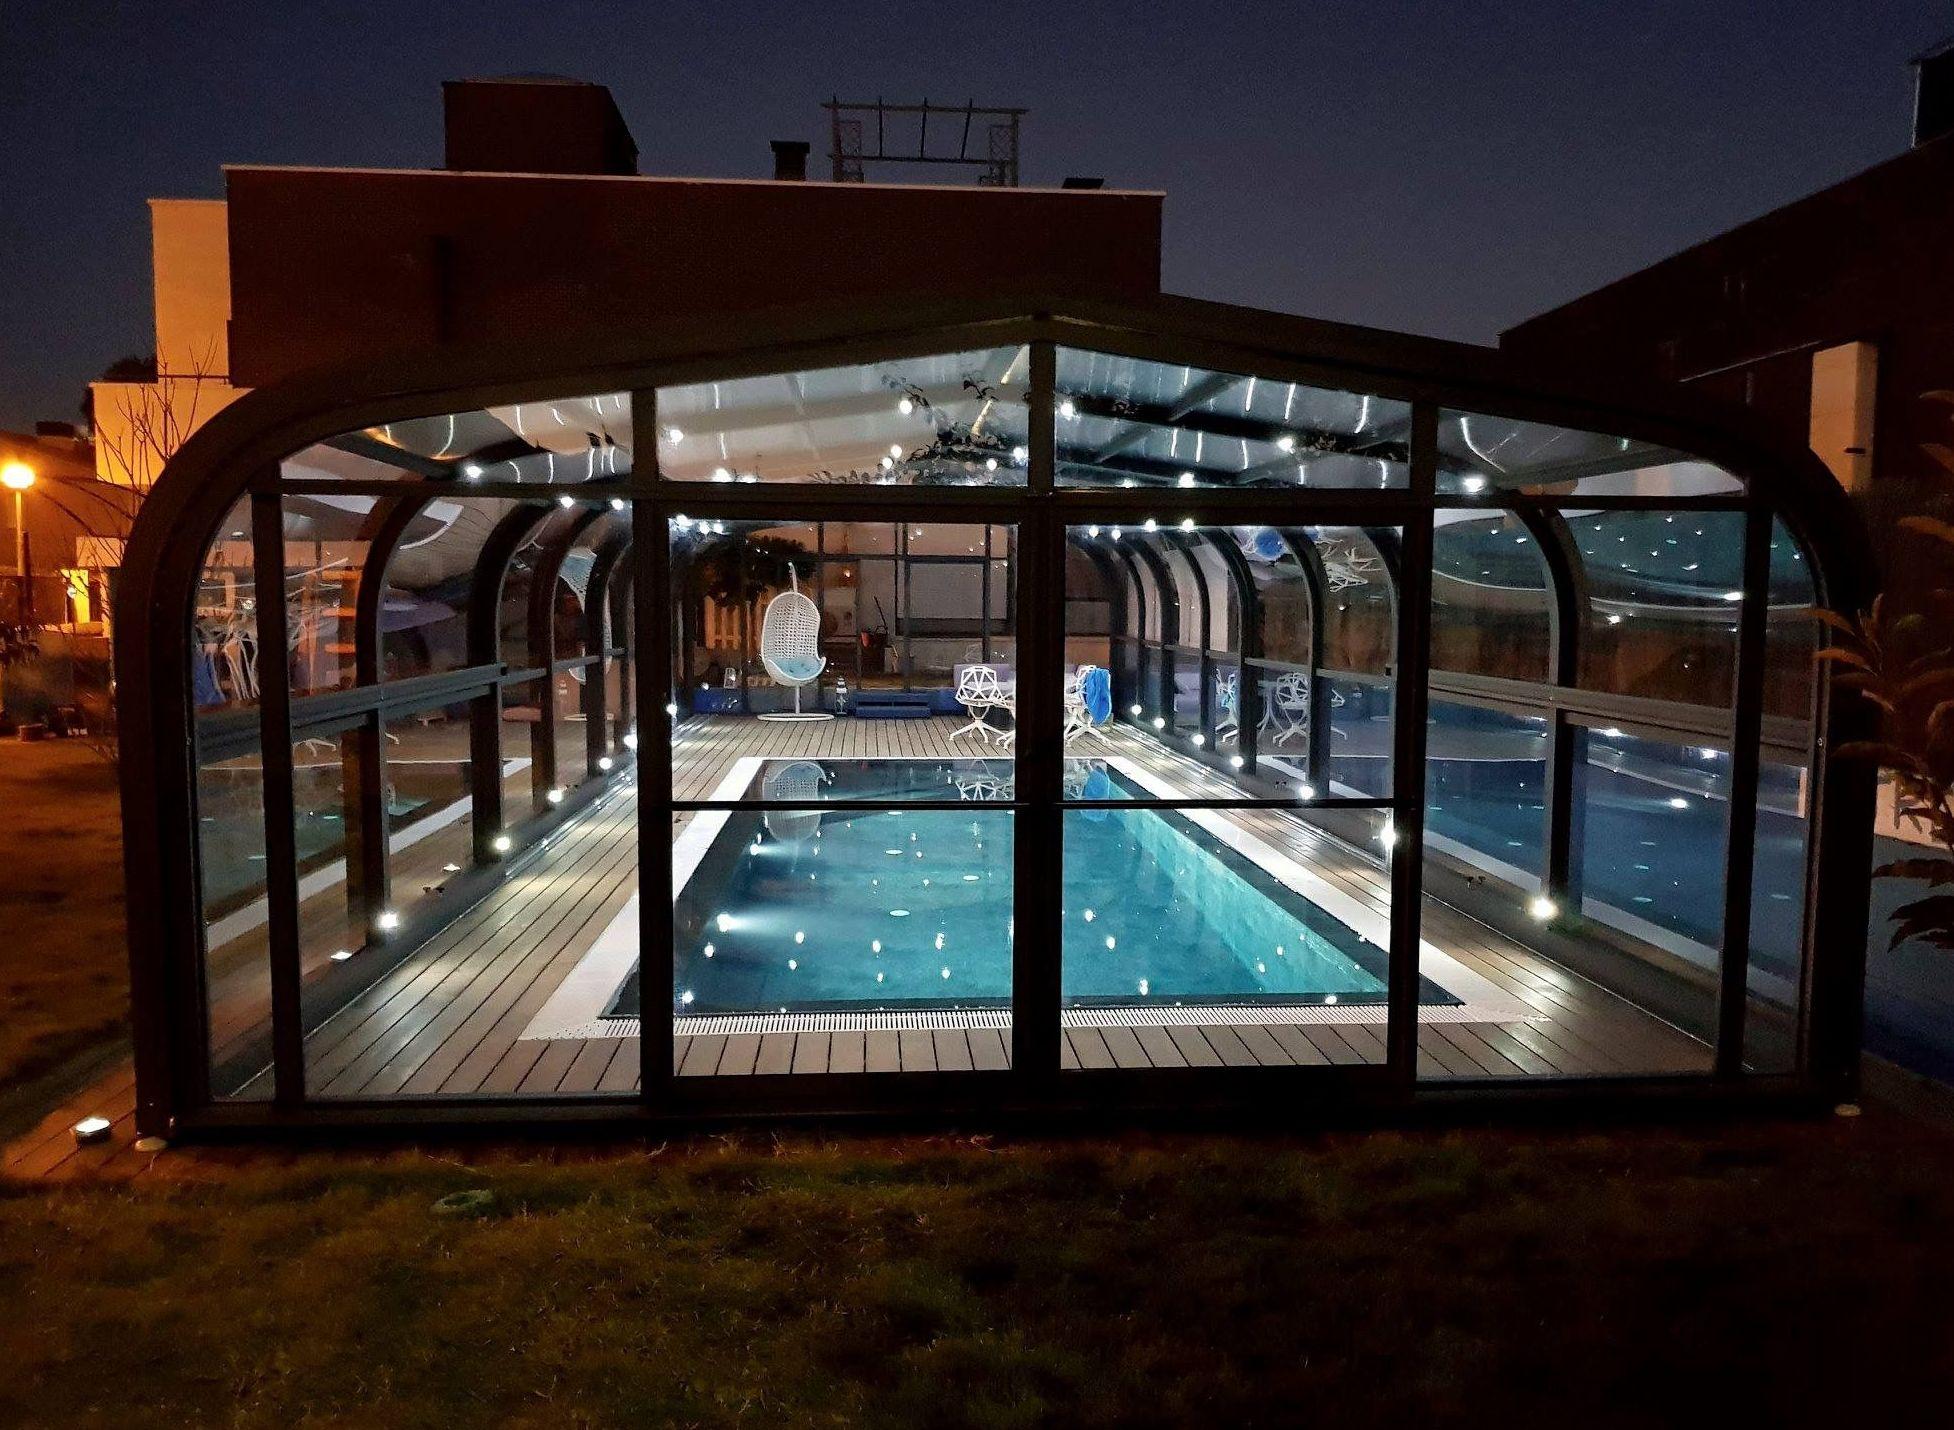 Foto 2 de Instalación de piscinas  en España | Piscinas Castilla - Construcción y Rehabilitación